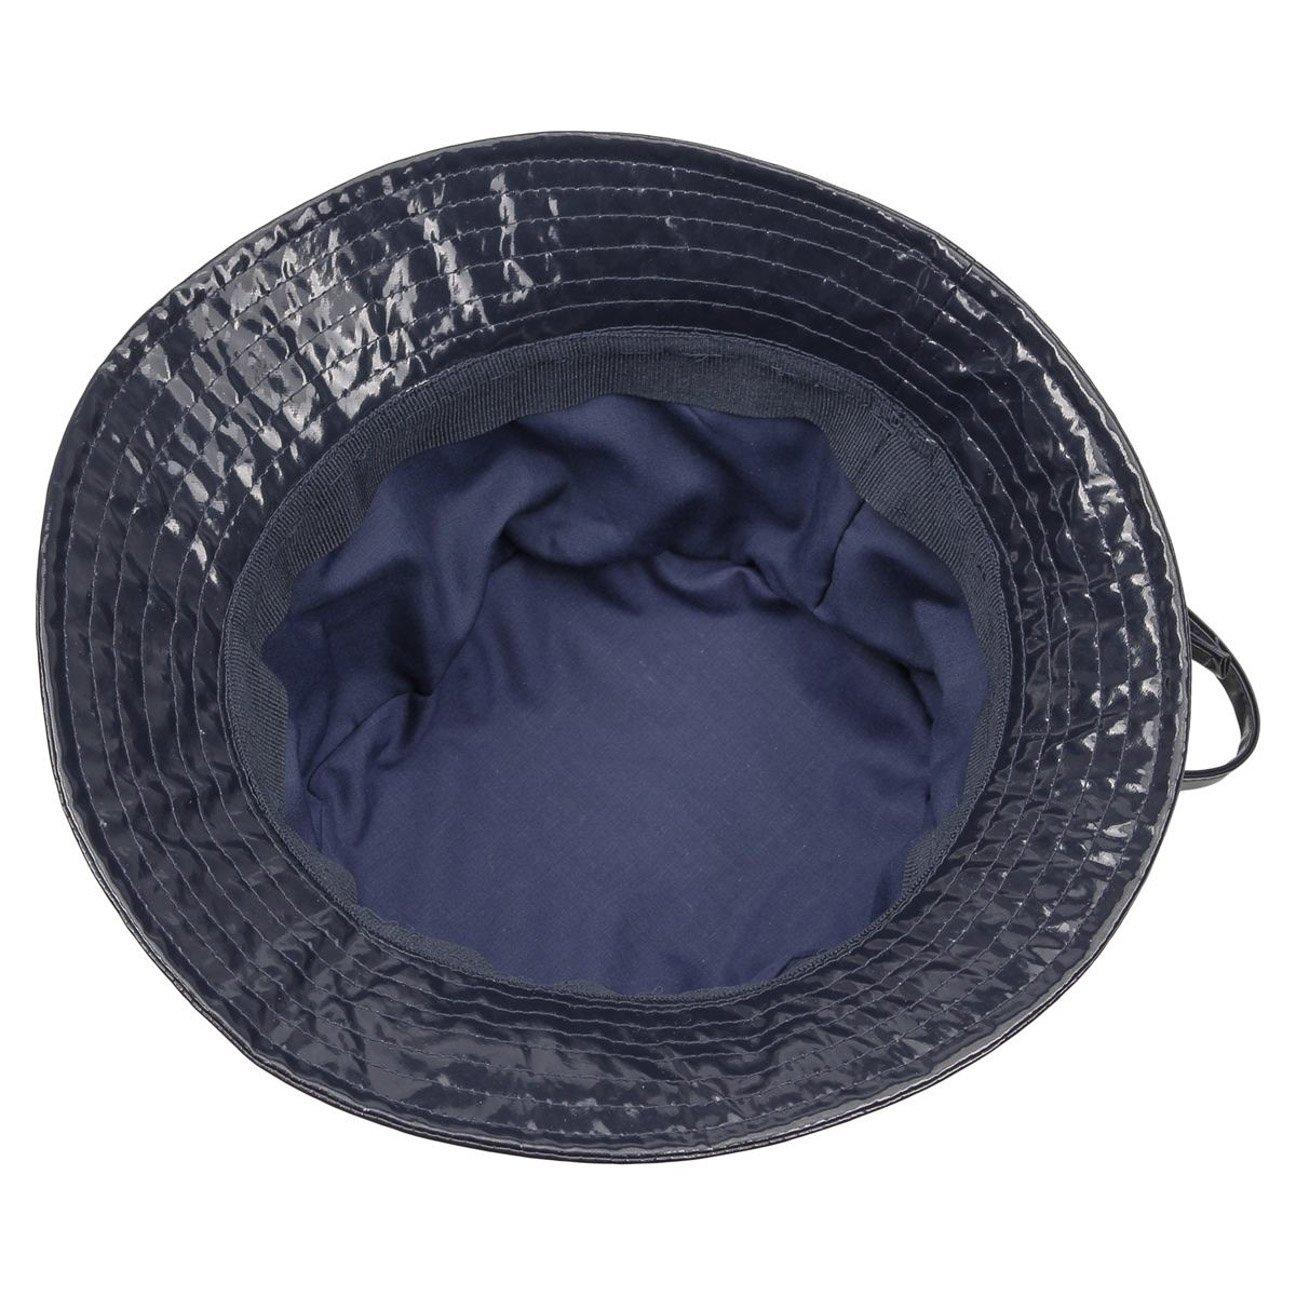 McBURN Sombrero Lluvia Charol by Tipo de tiemposombrero (Talla única -  Azul)  Amazon.es  Ropa y accesorios 3c9f5add070